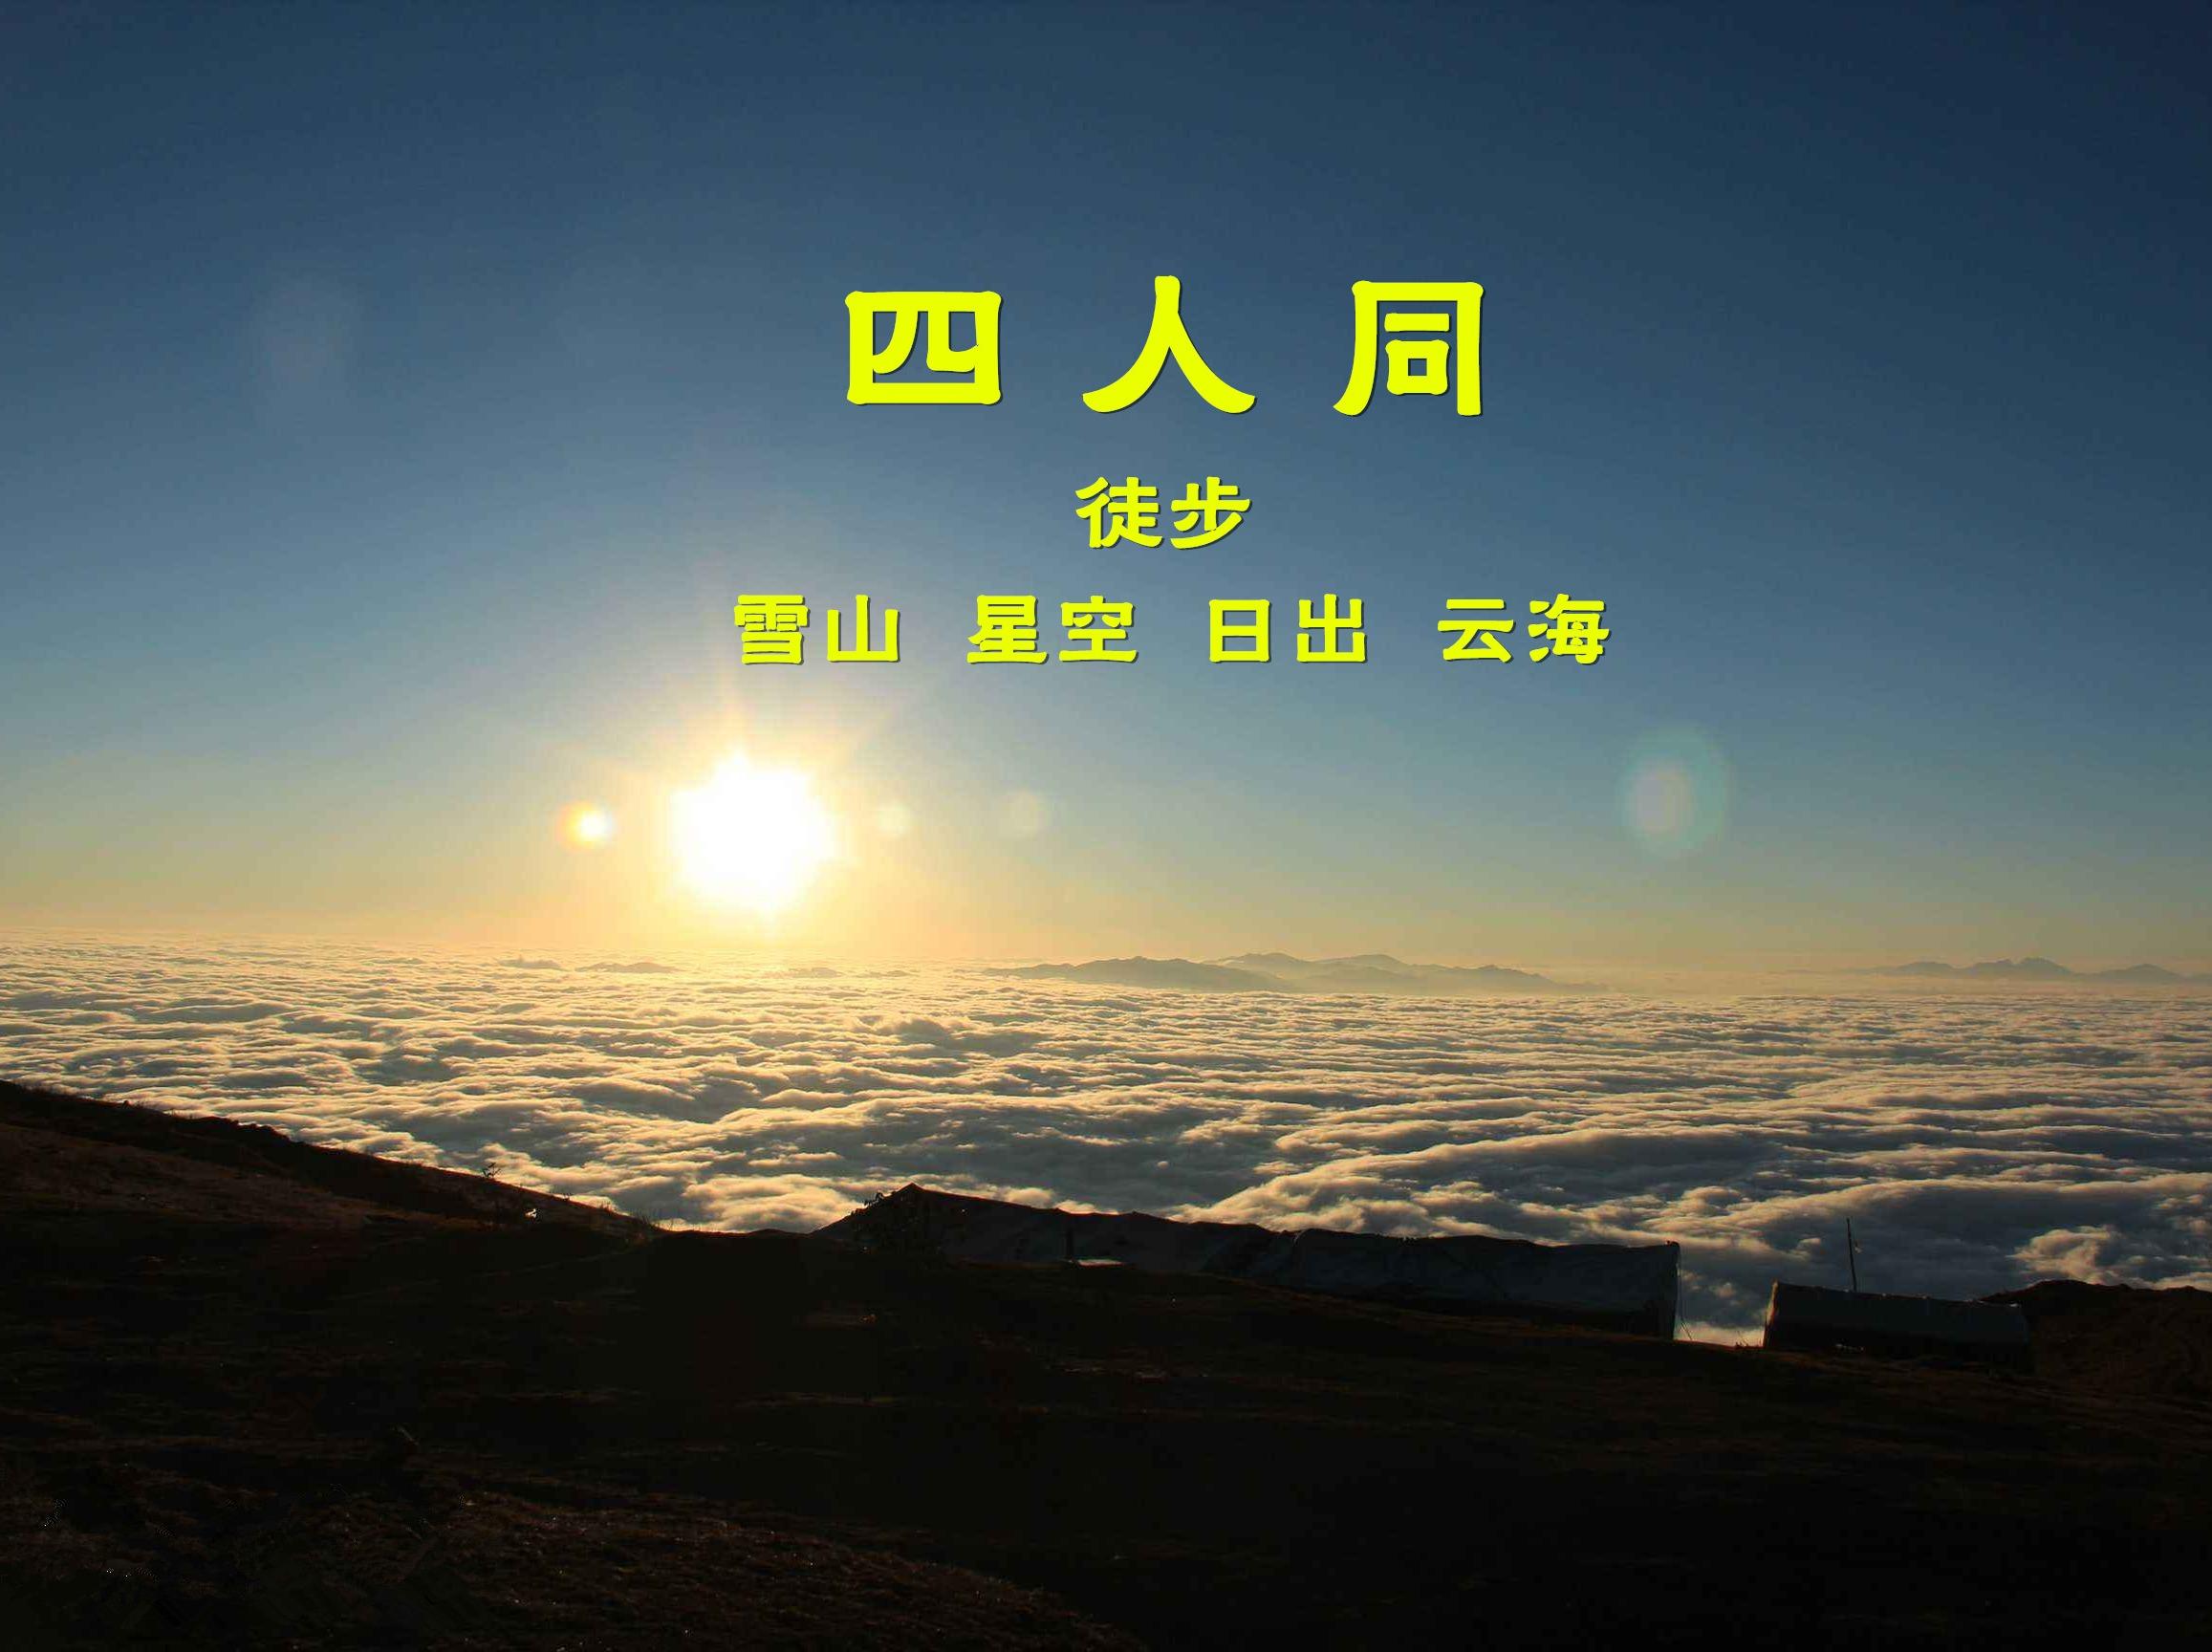 四人同 徒步 雪山日出云海